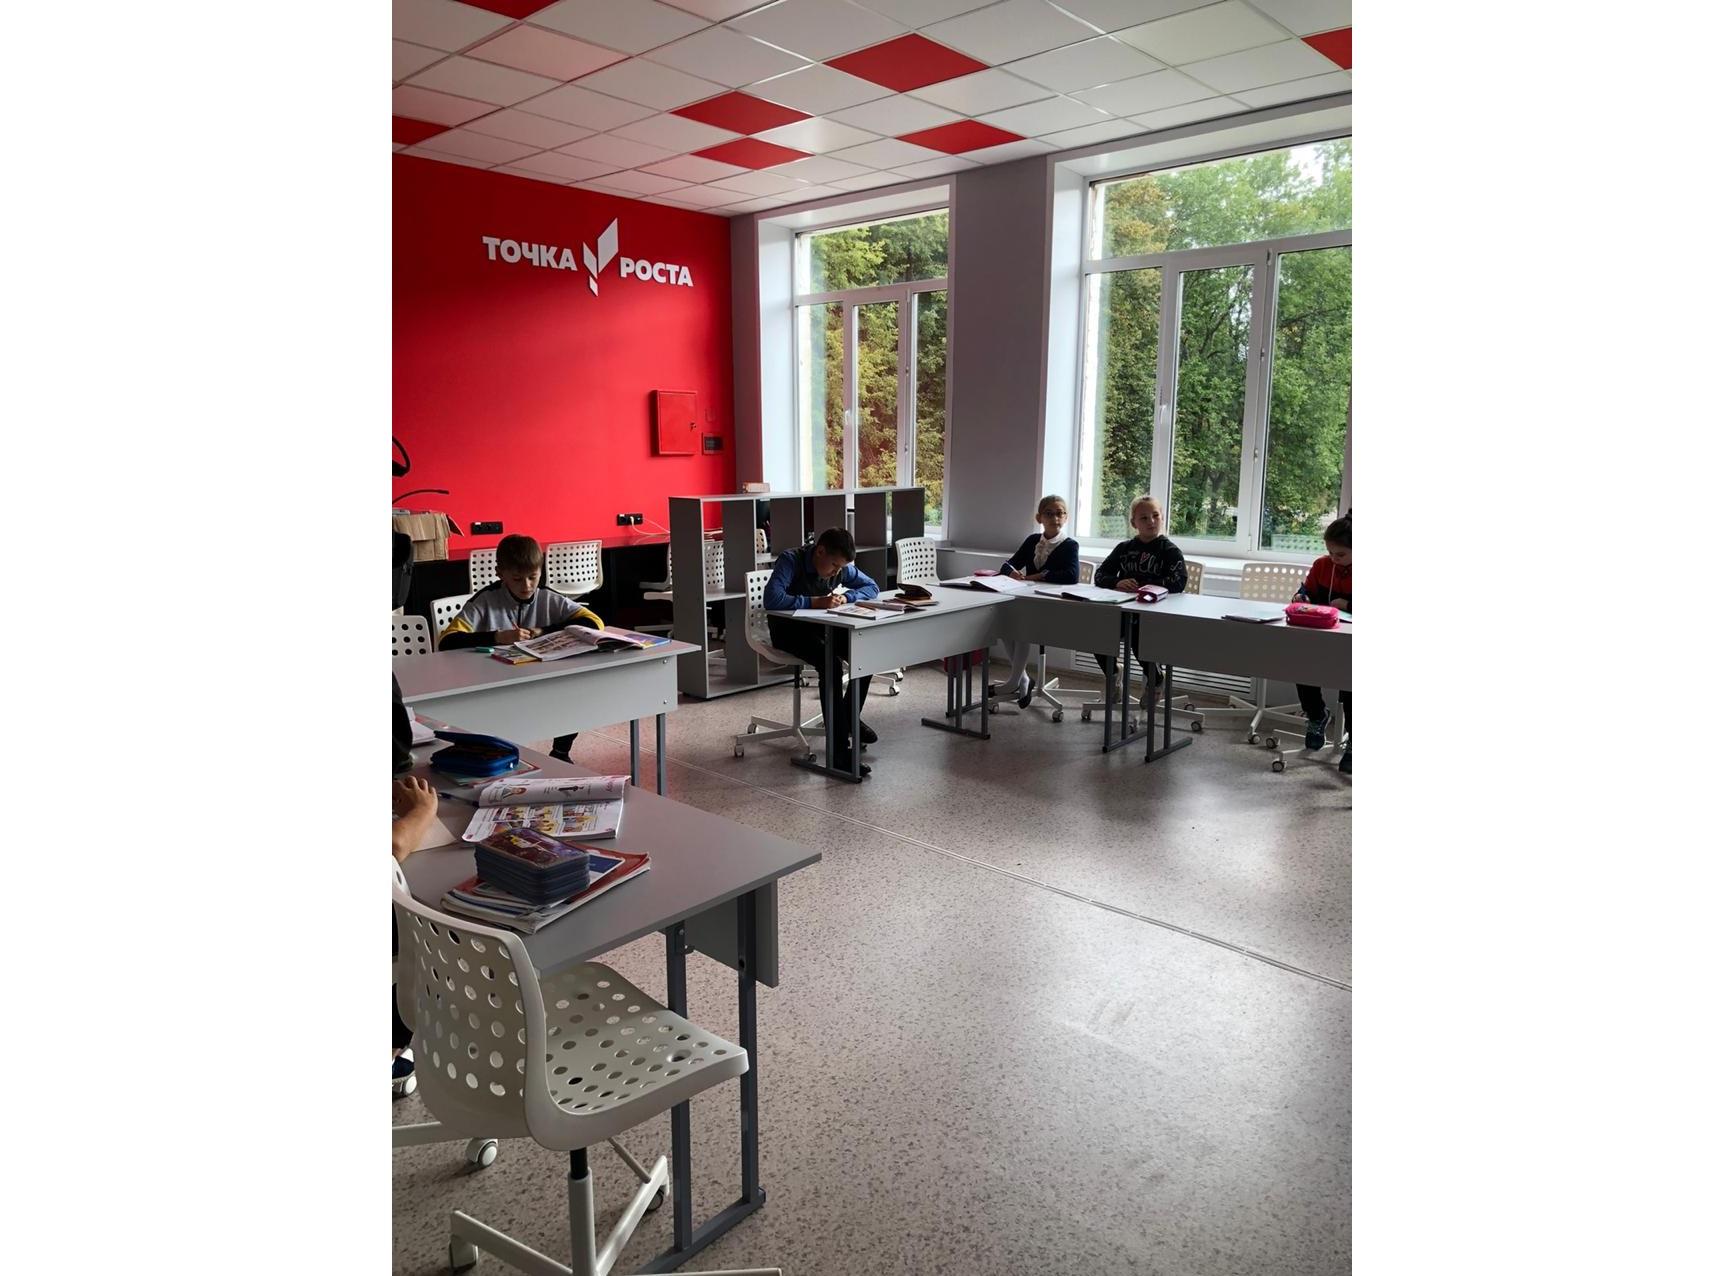 В Красноткацкой школе отремонтировали спортзал и помещения для образовательного центра «Точка роста»